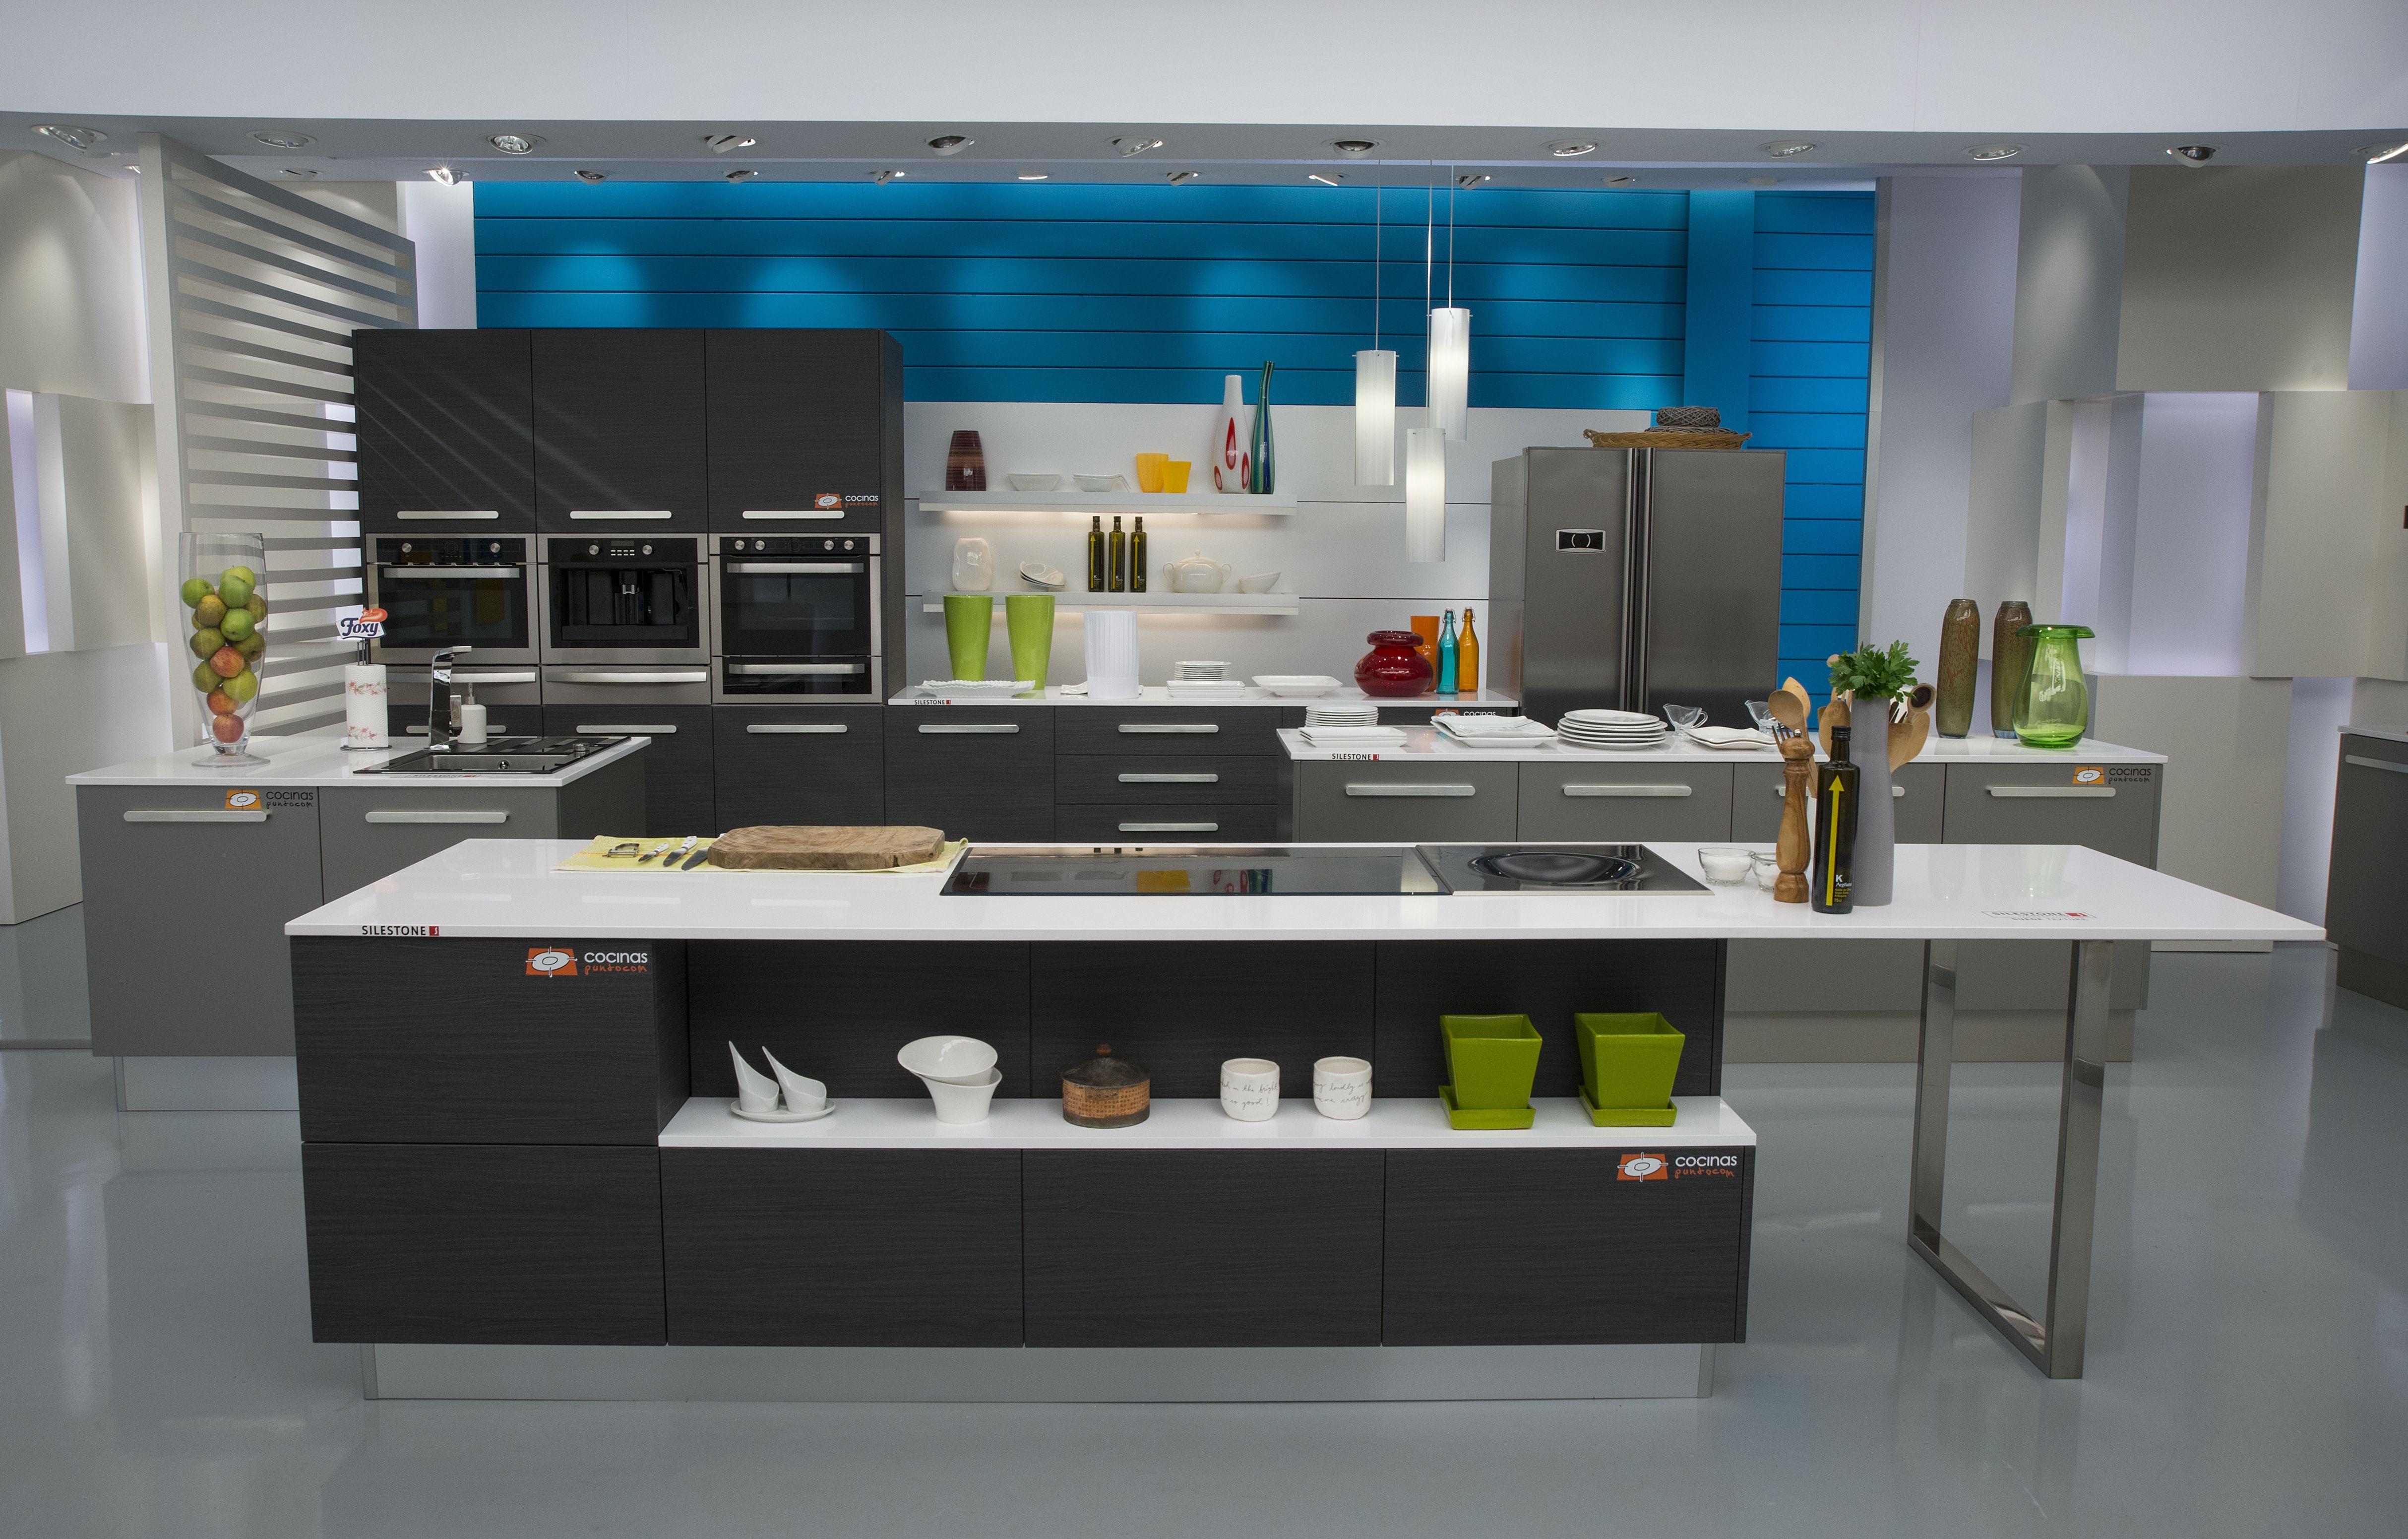 Programa para dise ar cocinas ikea casa dise o - Programa de diseno de cocinas ikea ...